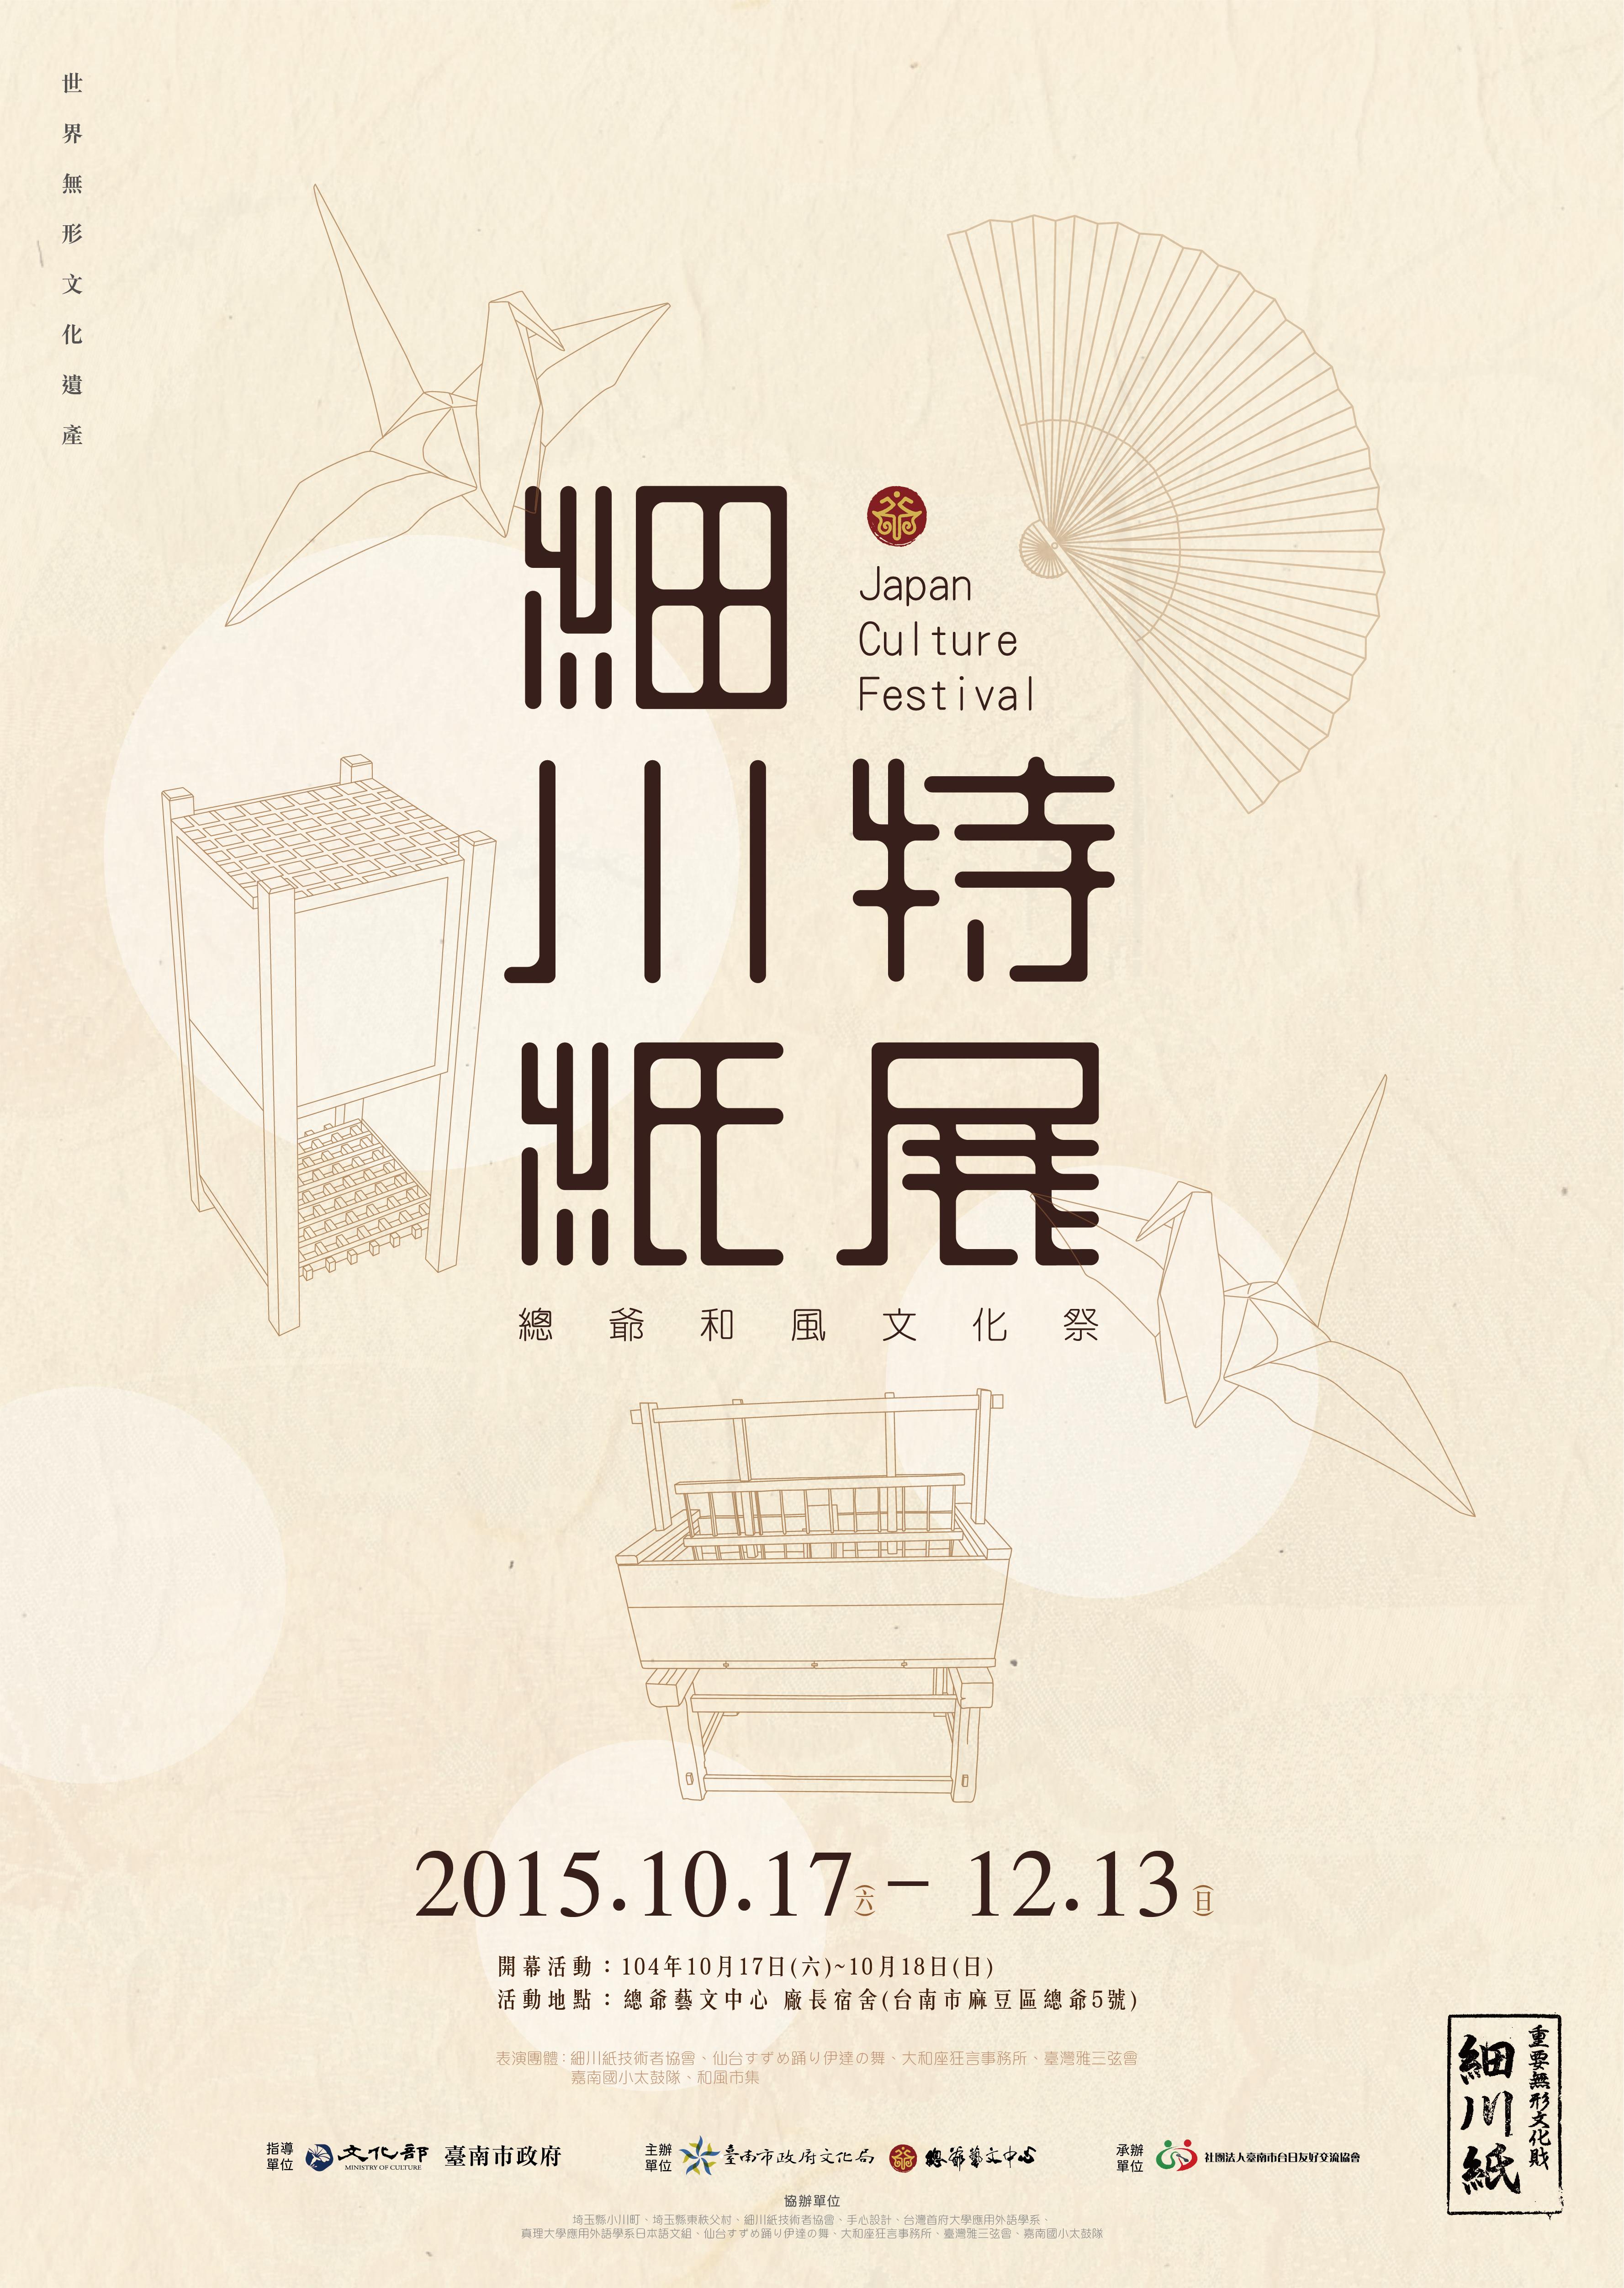 2015 和風文化祭 海報設計